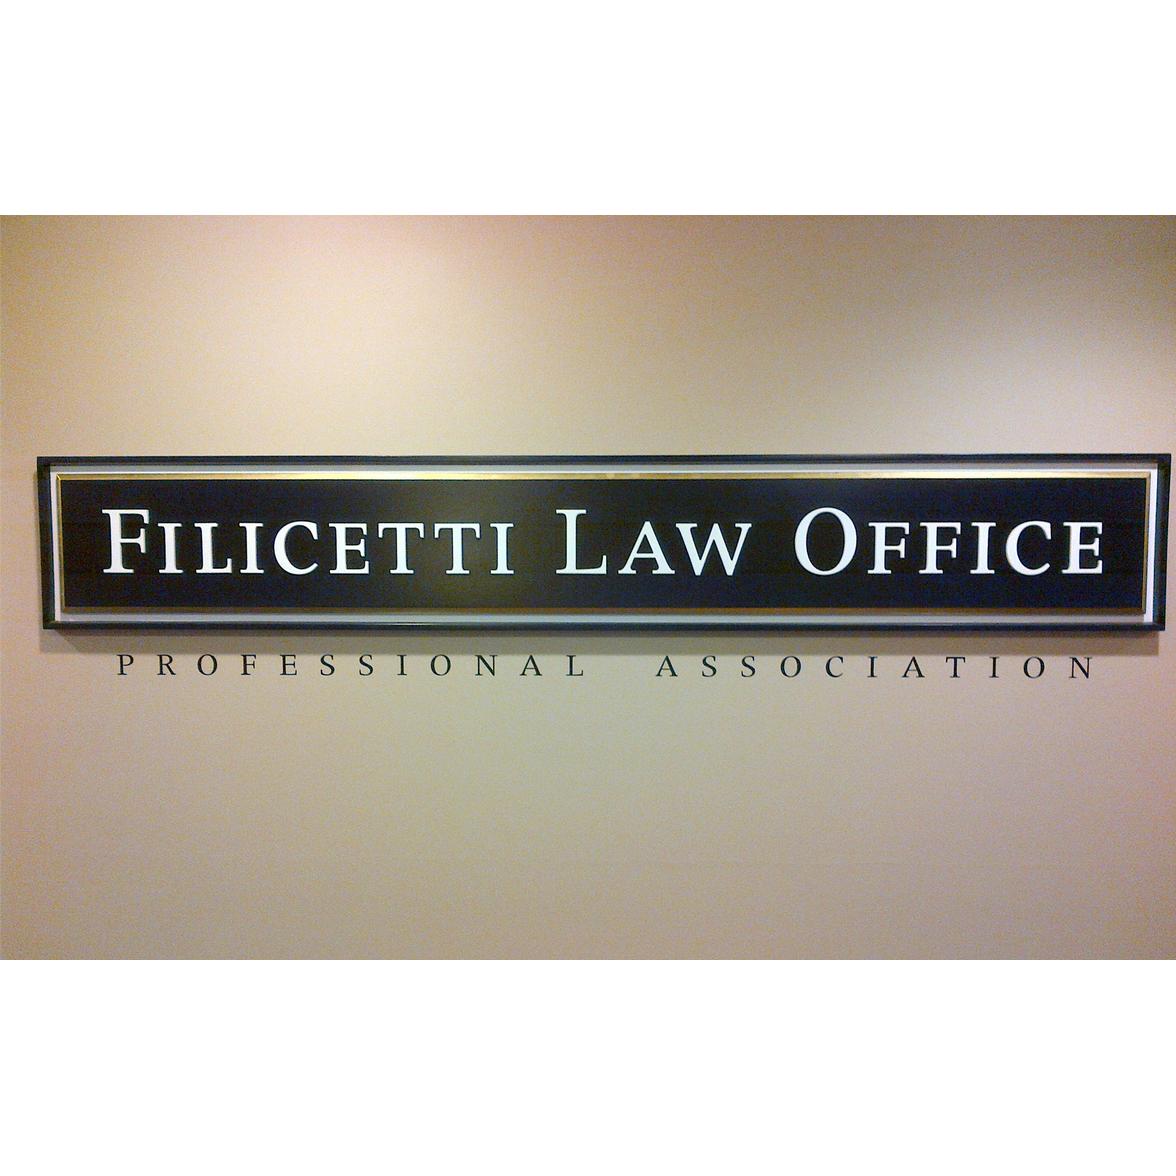 Filicetti Law Office P.A.